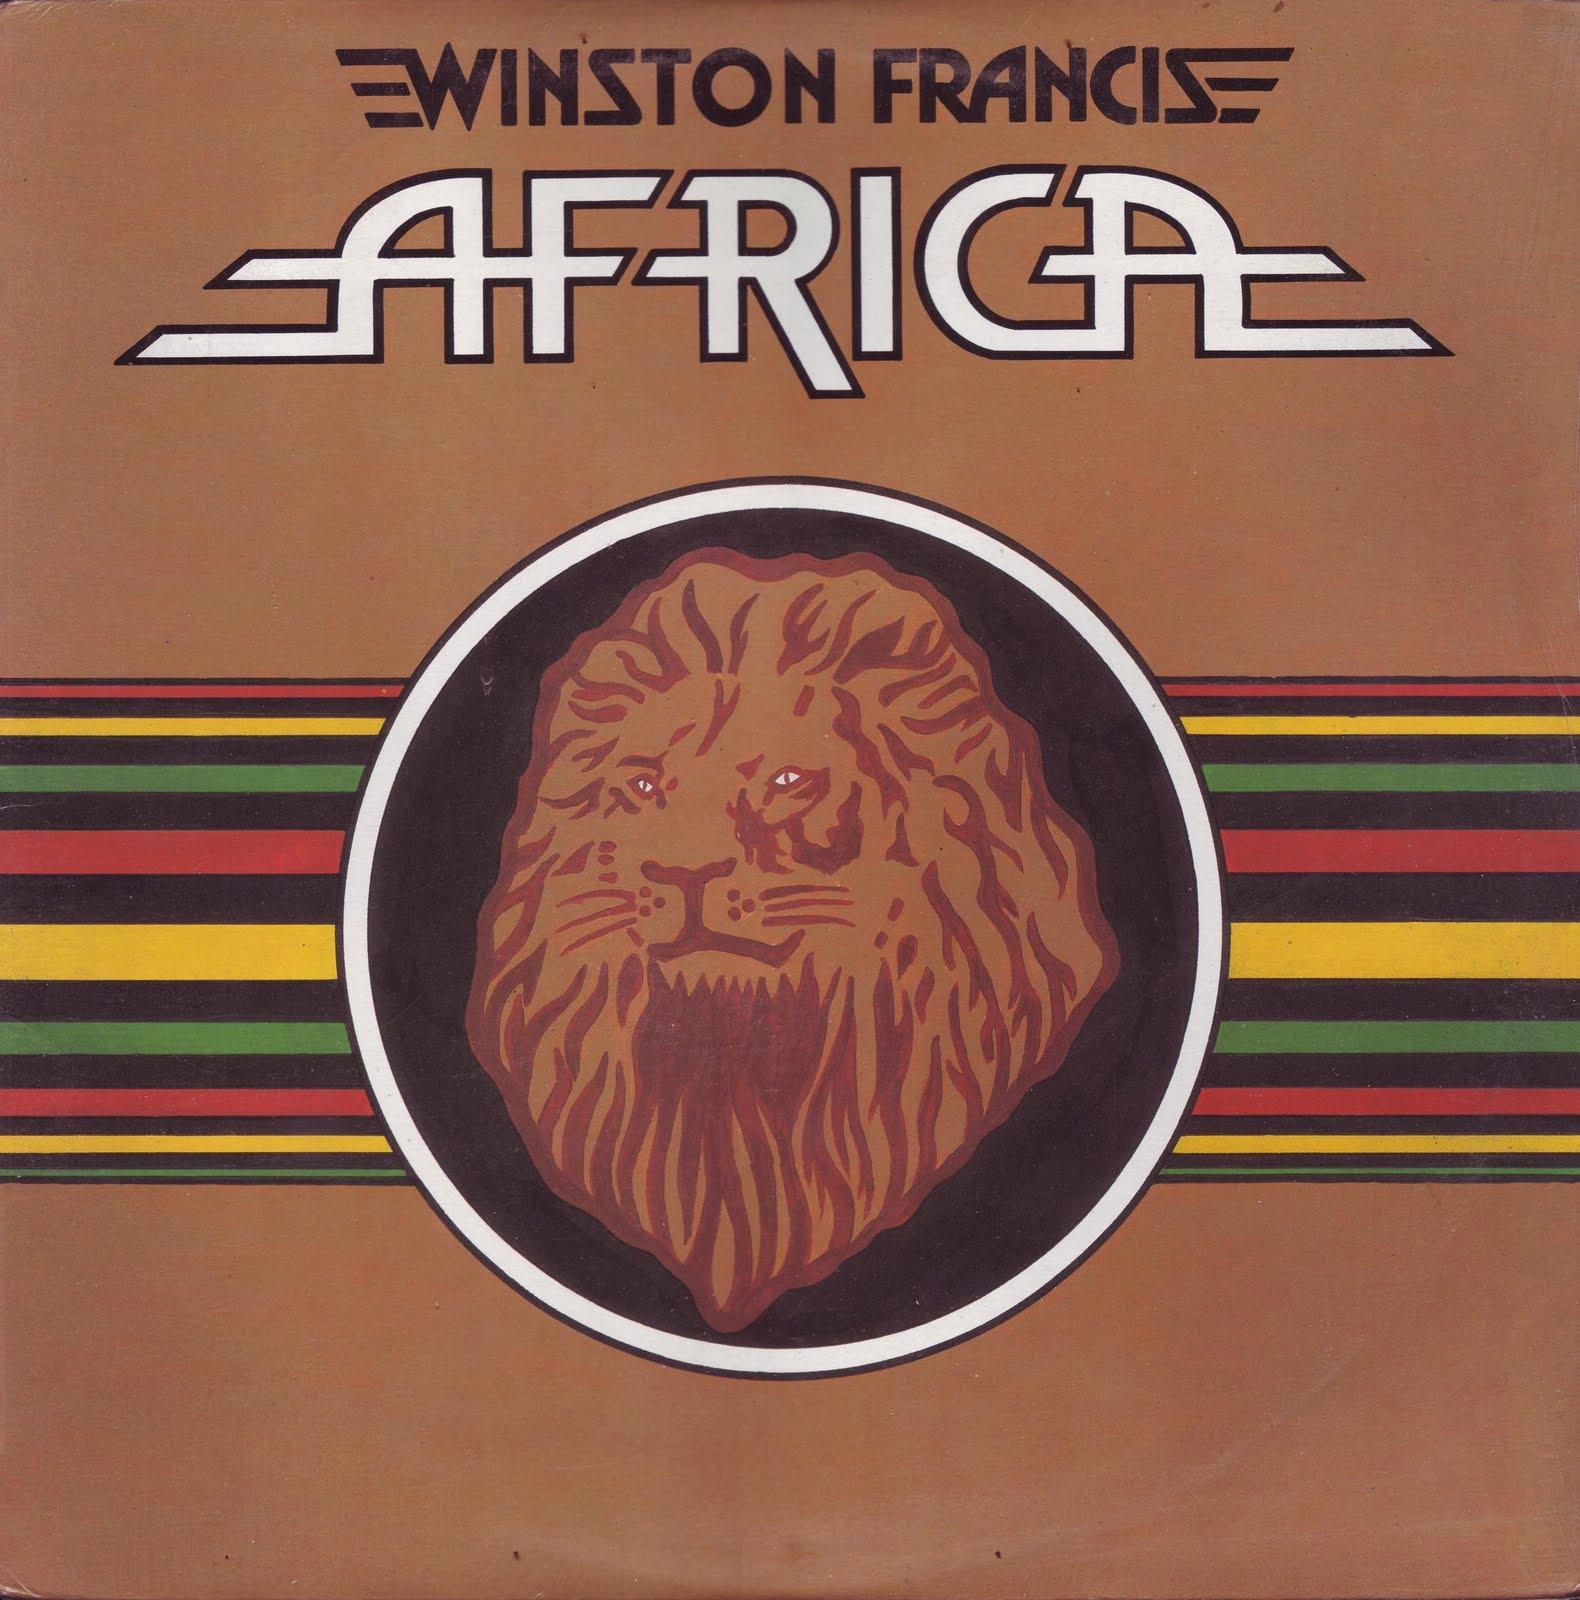 dans Winston Francis